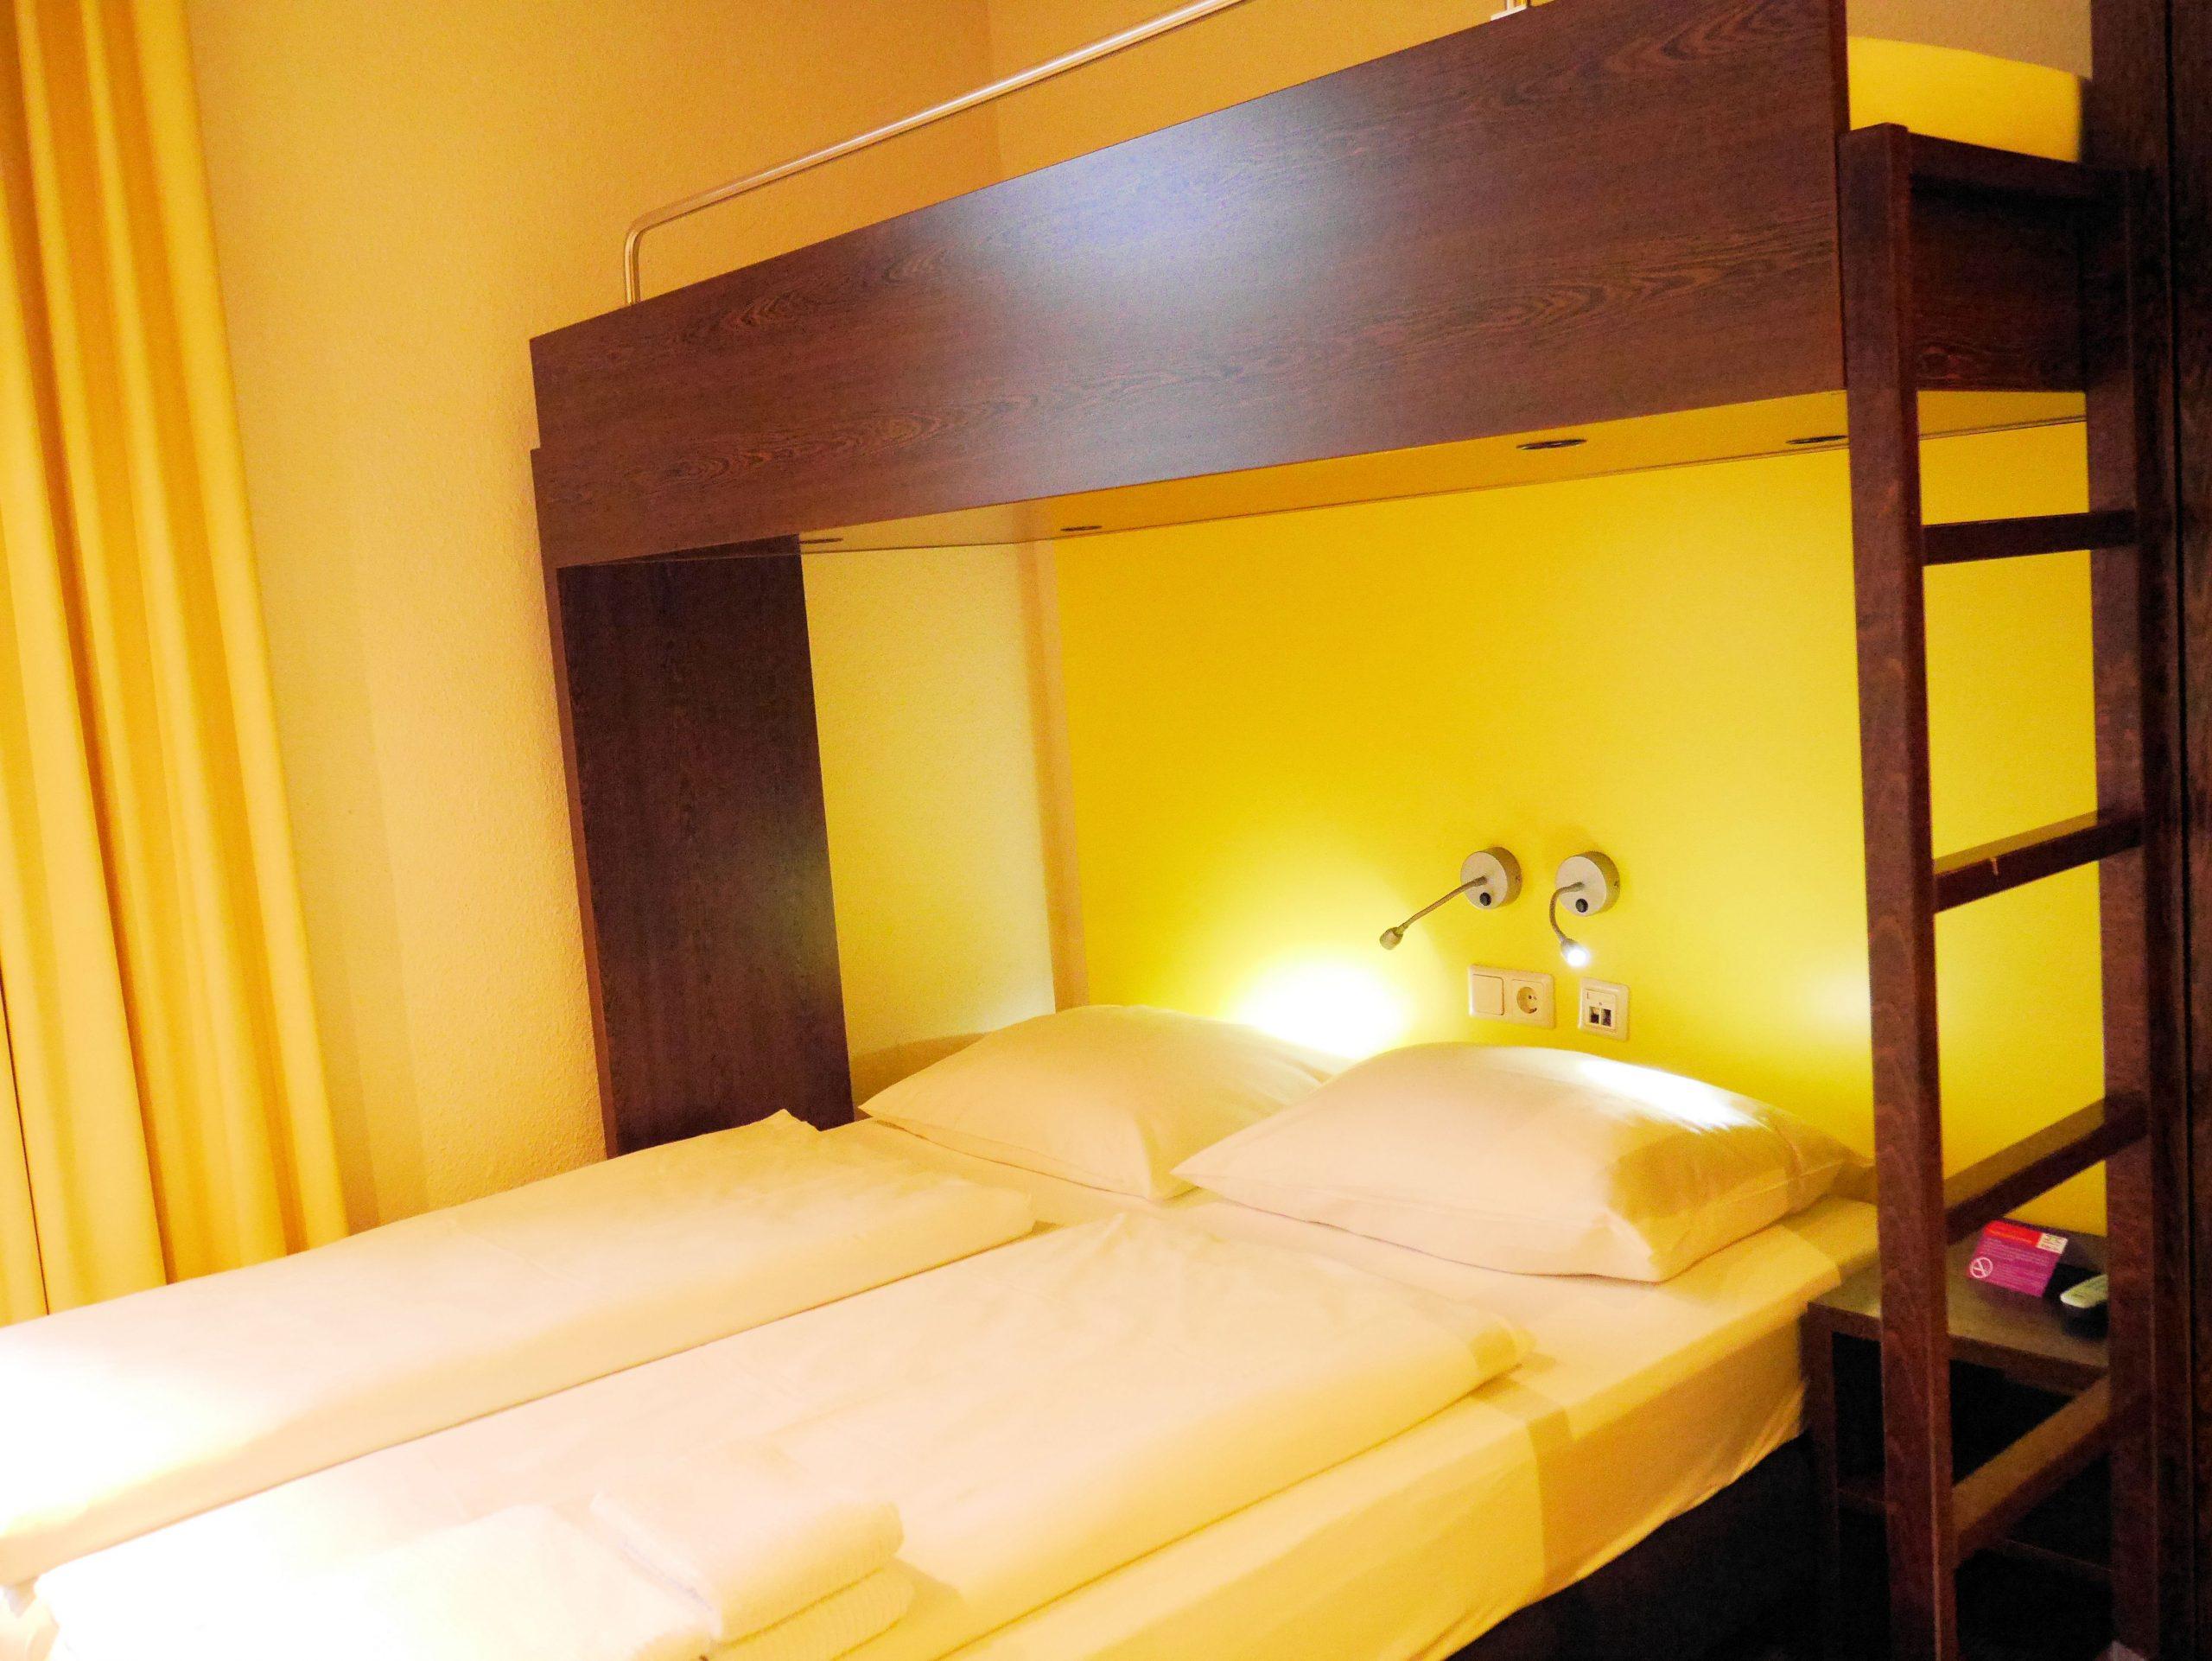 Full Size of Budget Hotel Bridge Inn Hamburg Standard Zimmer Billige Betten Bei Ikea Japanische Team 7 Billerbeck Weiß Außergewöhnliche Meise Wohnwert Nolte Günstig Bett Betten Hamburg